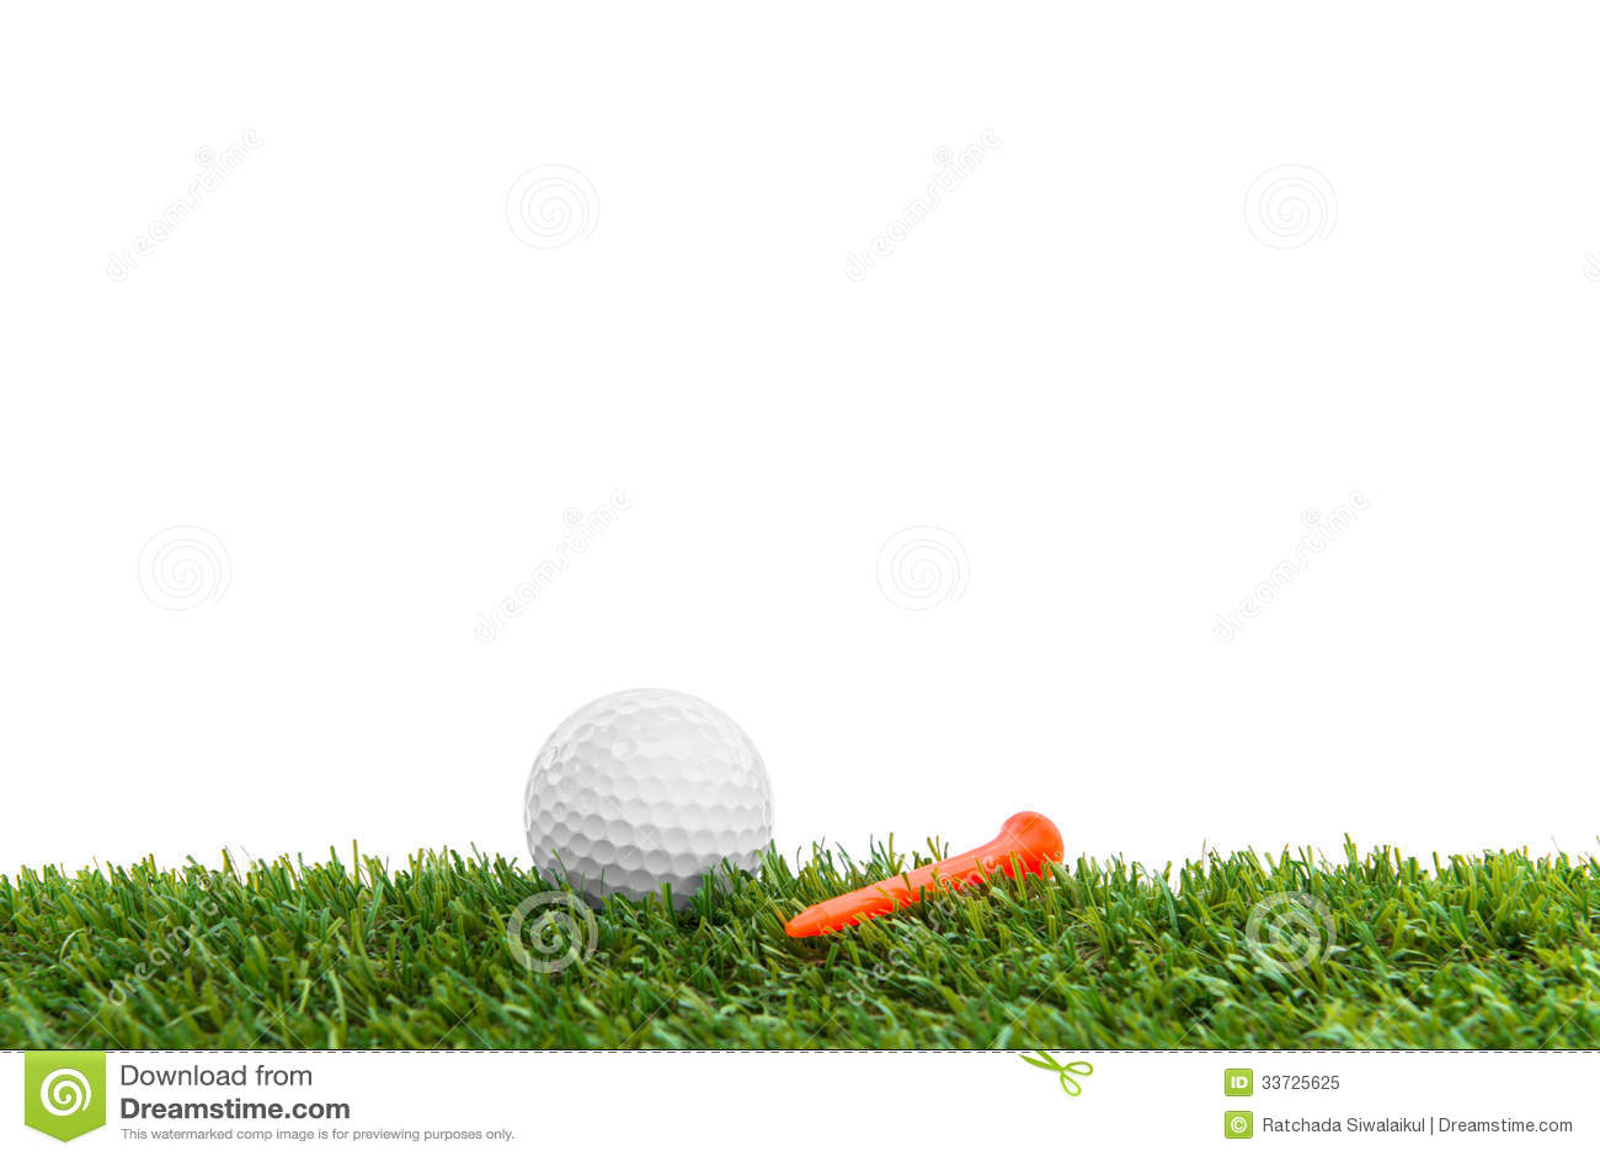 Γκολφ-σφαίρα στη σειρά μαθημάτων